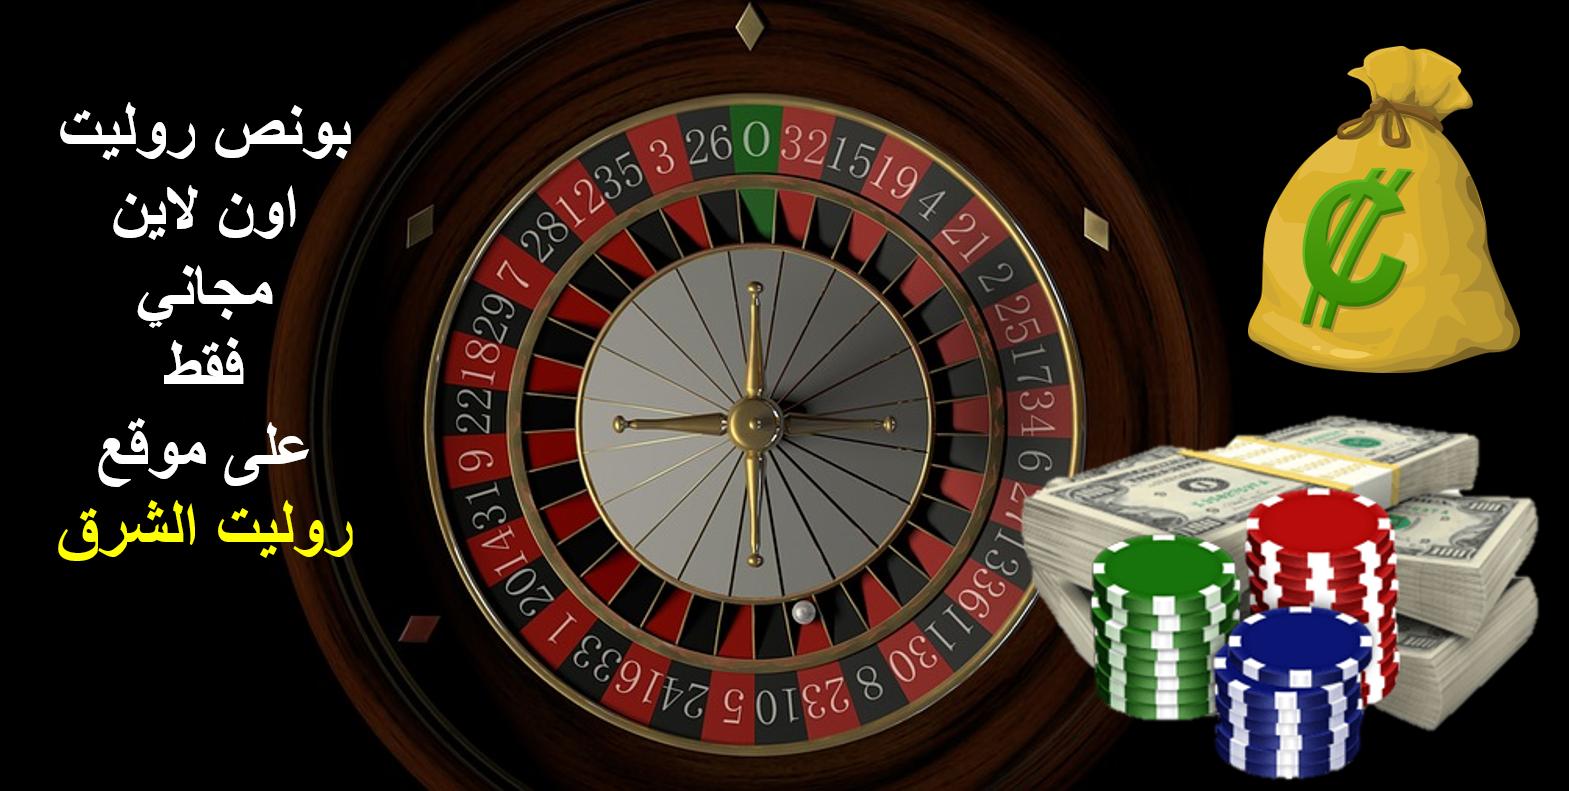 طريقة لعب - 77610